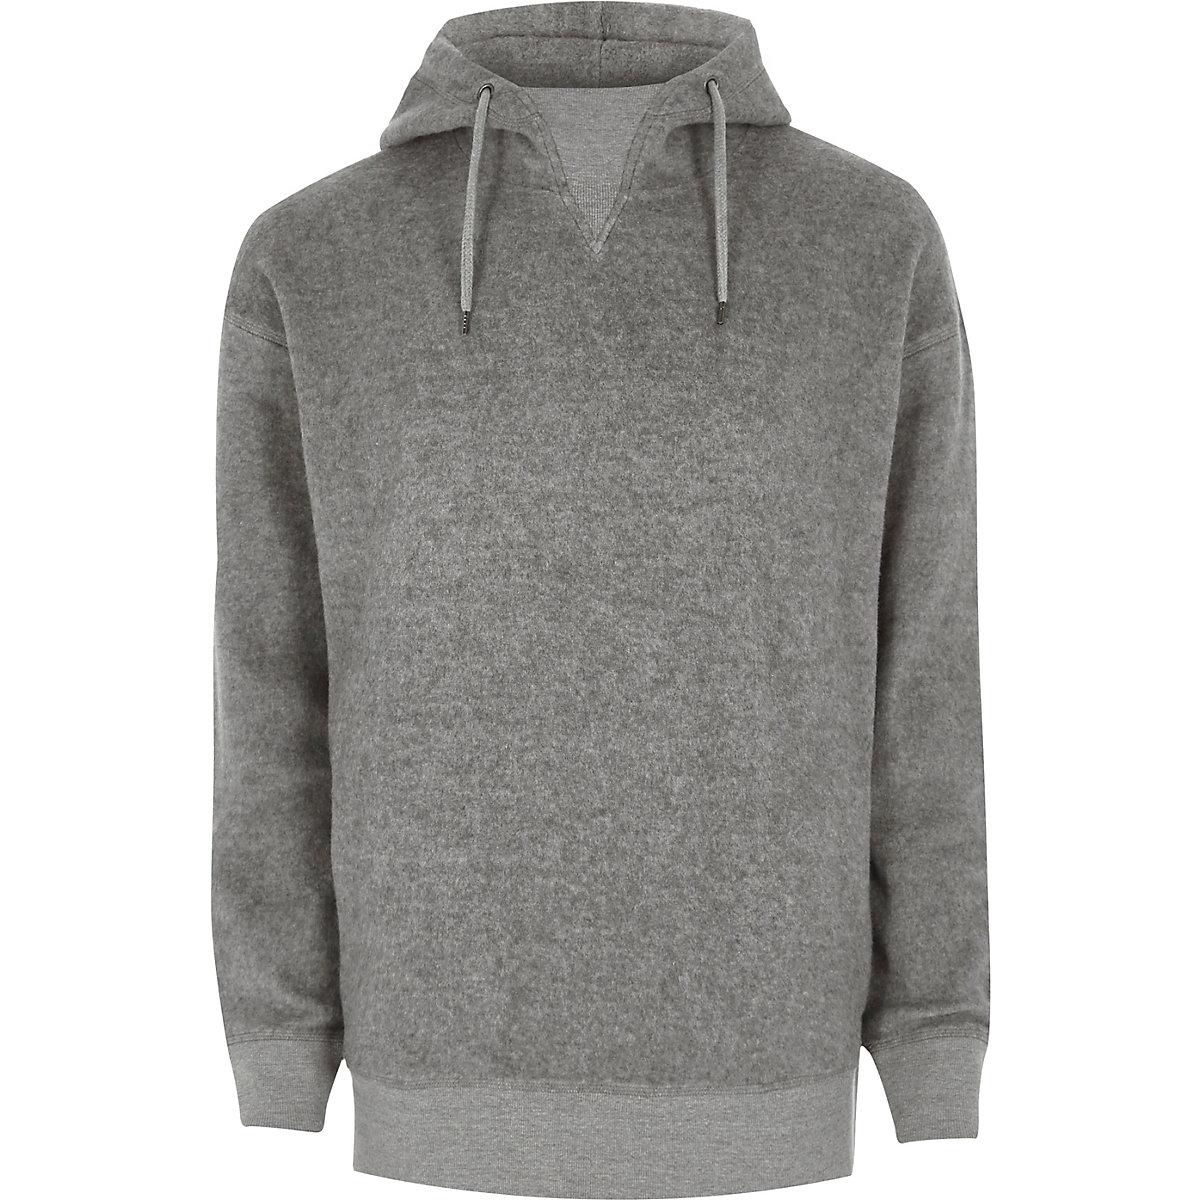 Grey fleece hoodie